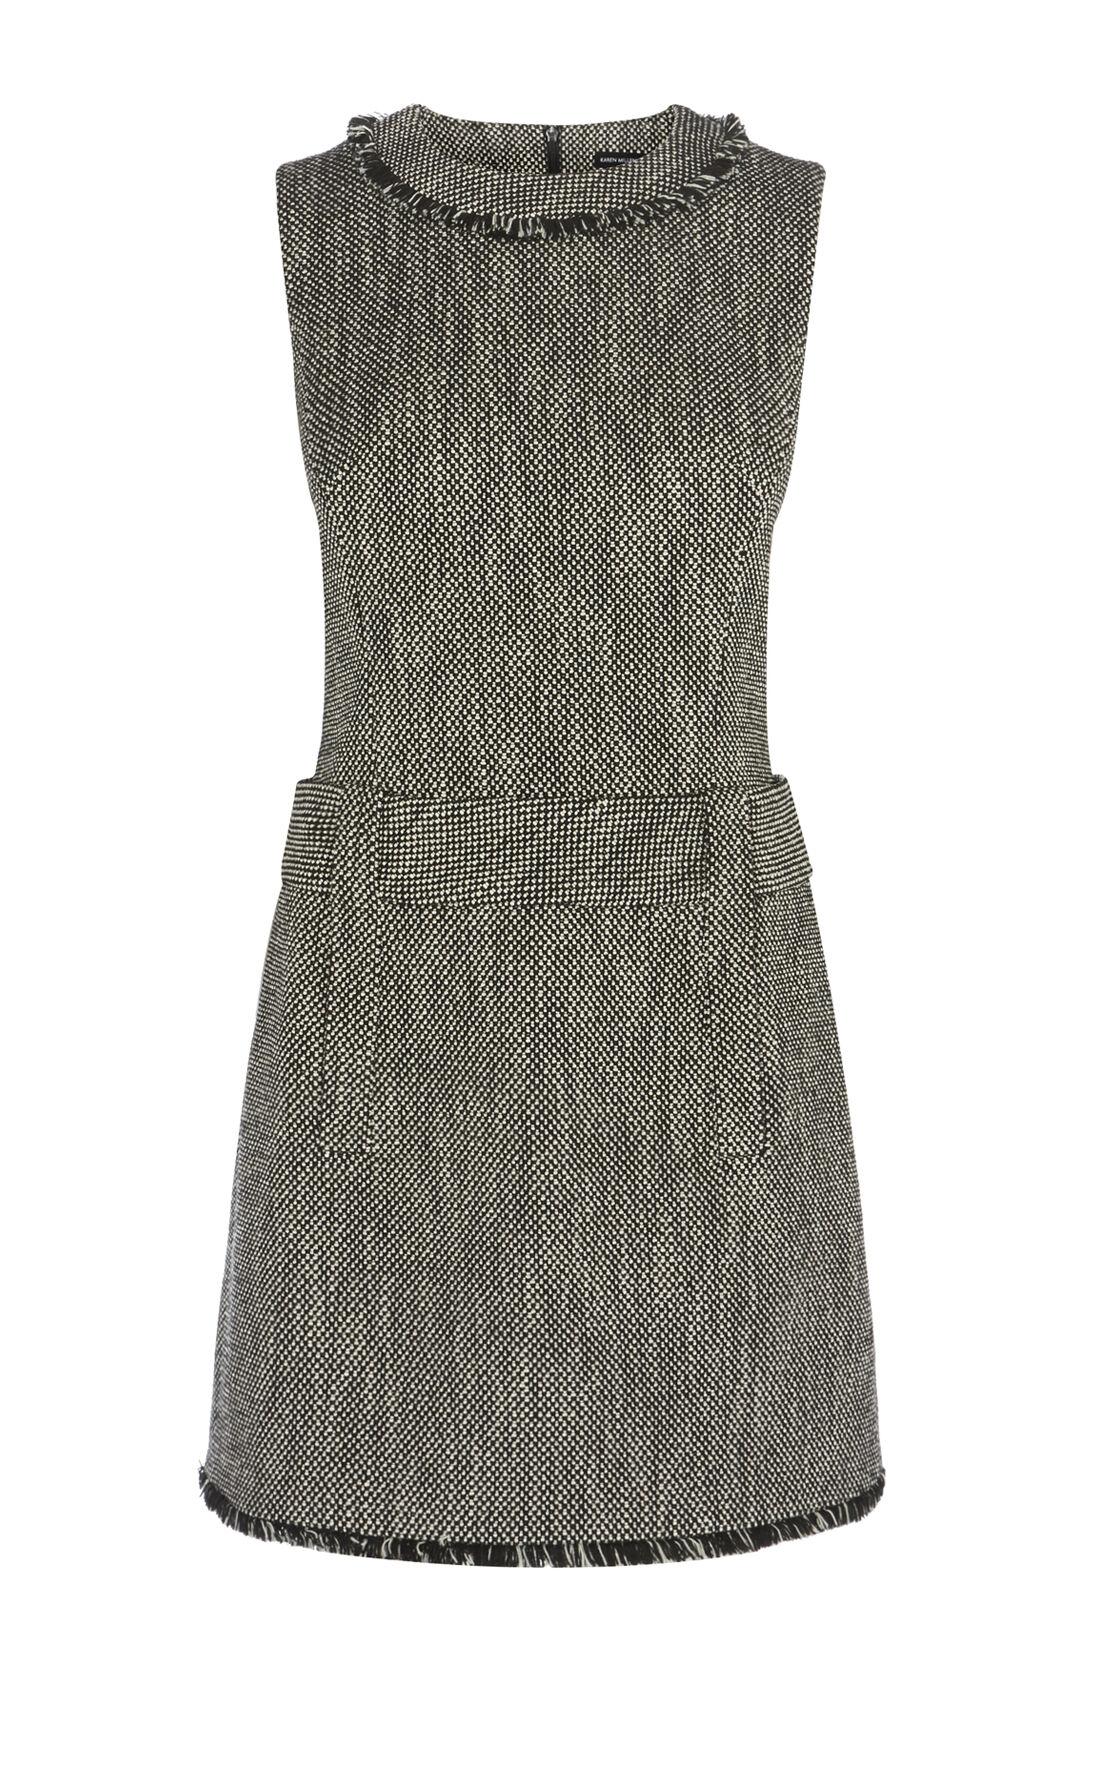 Karen Millen, TWEED DRESS Black/Multi 0